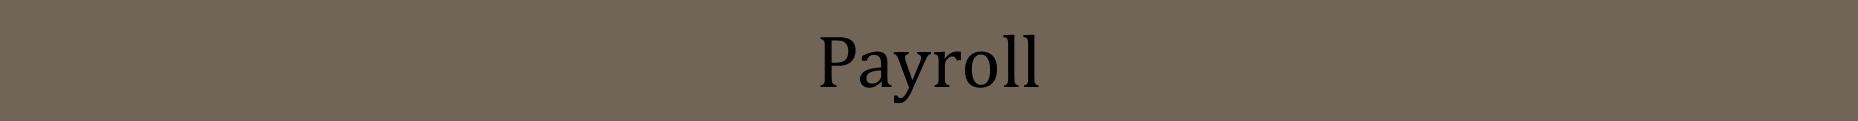 payrollbanner.jpg